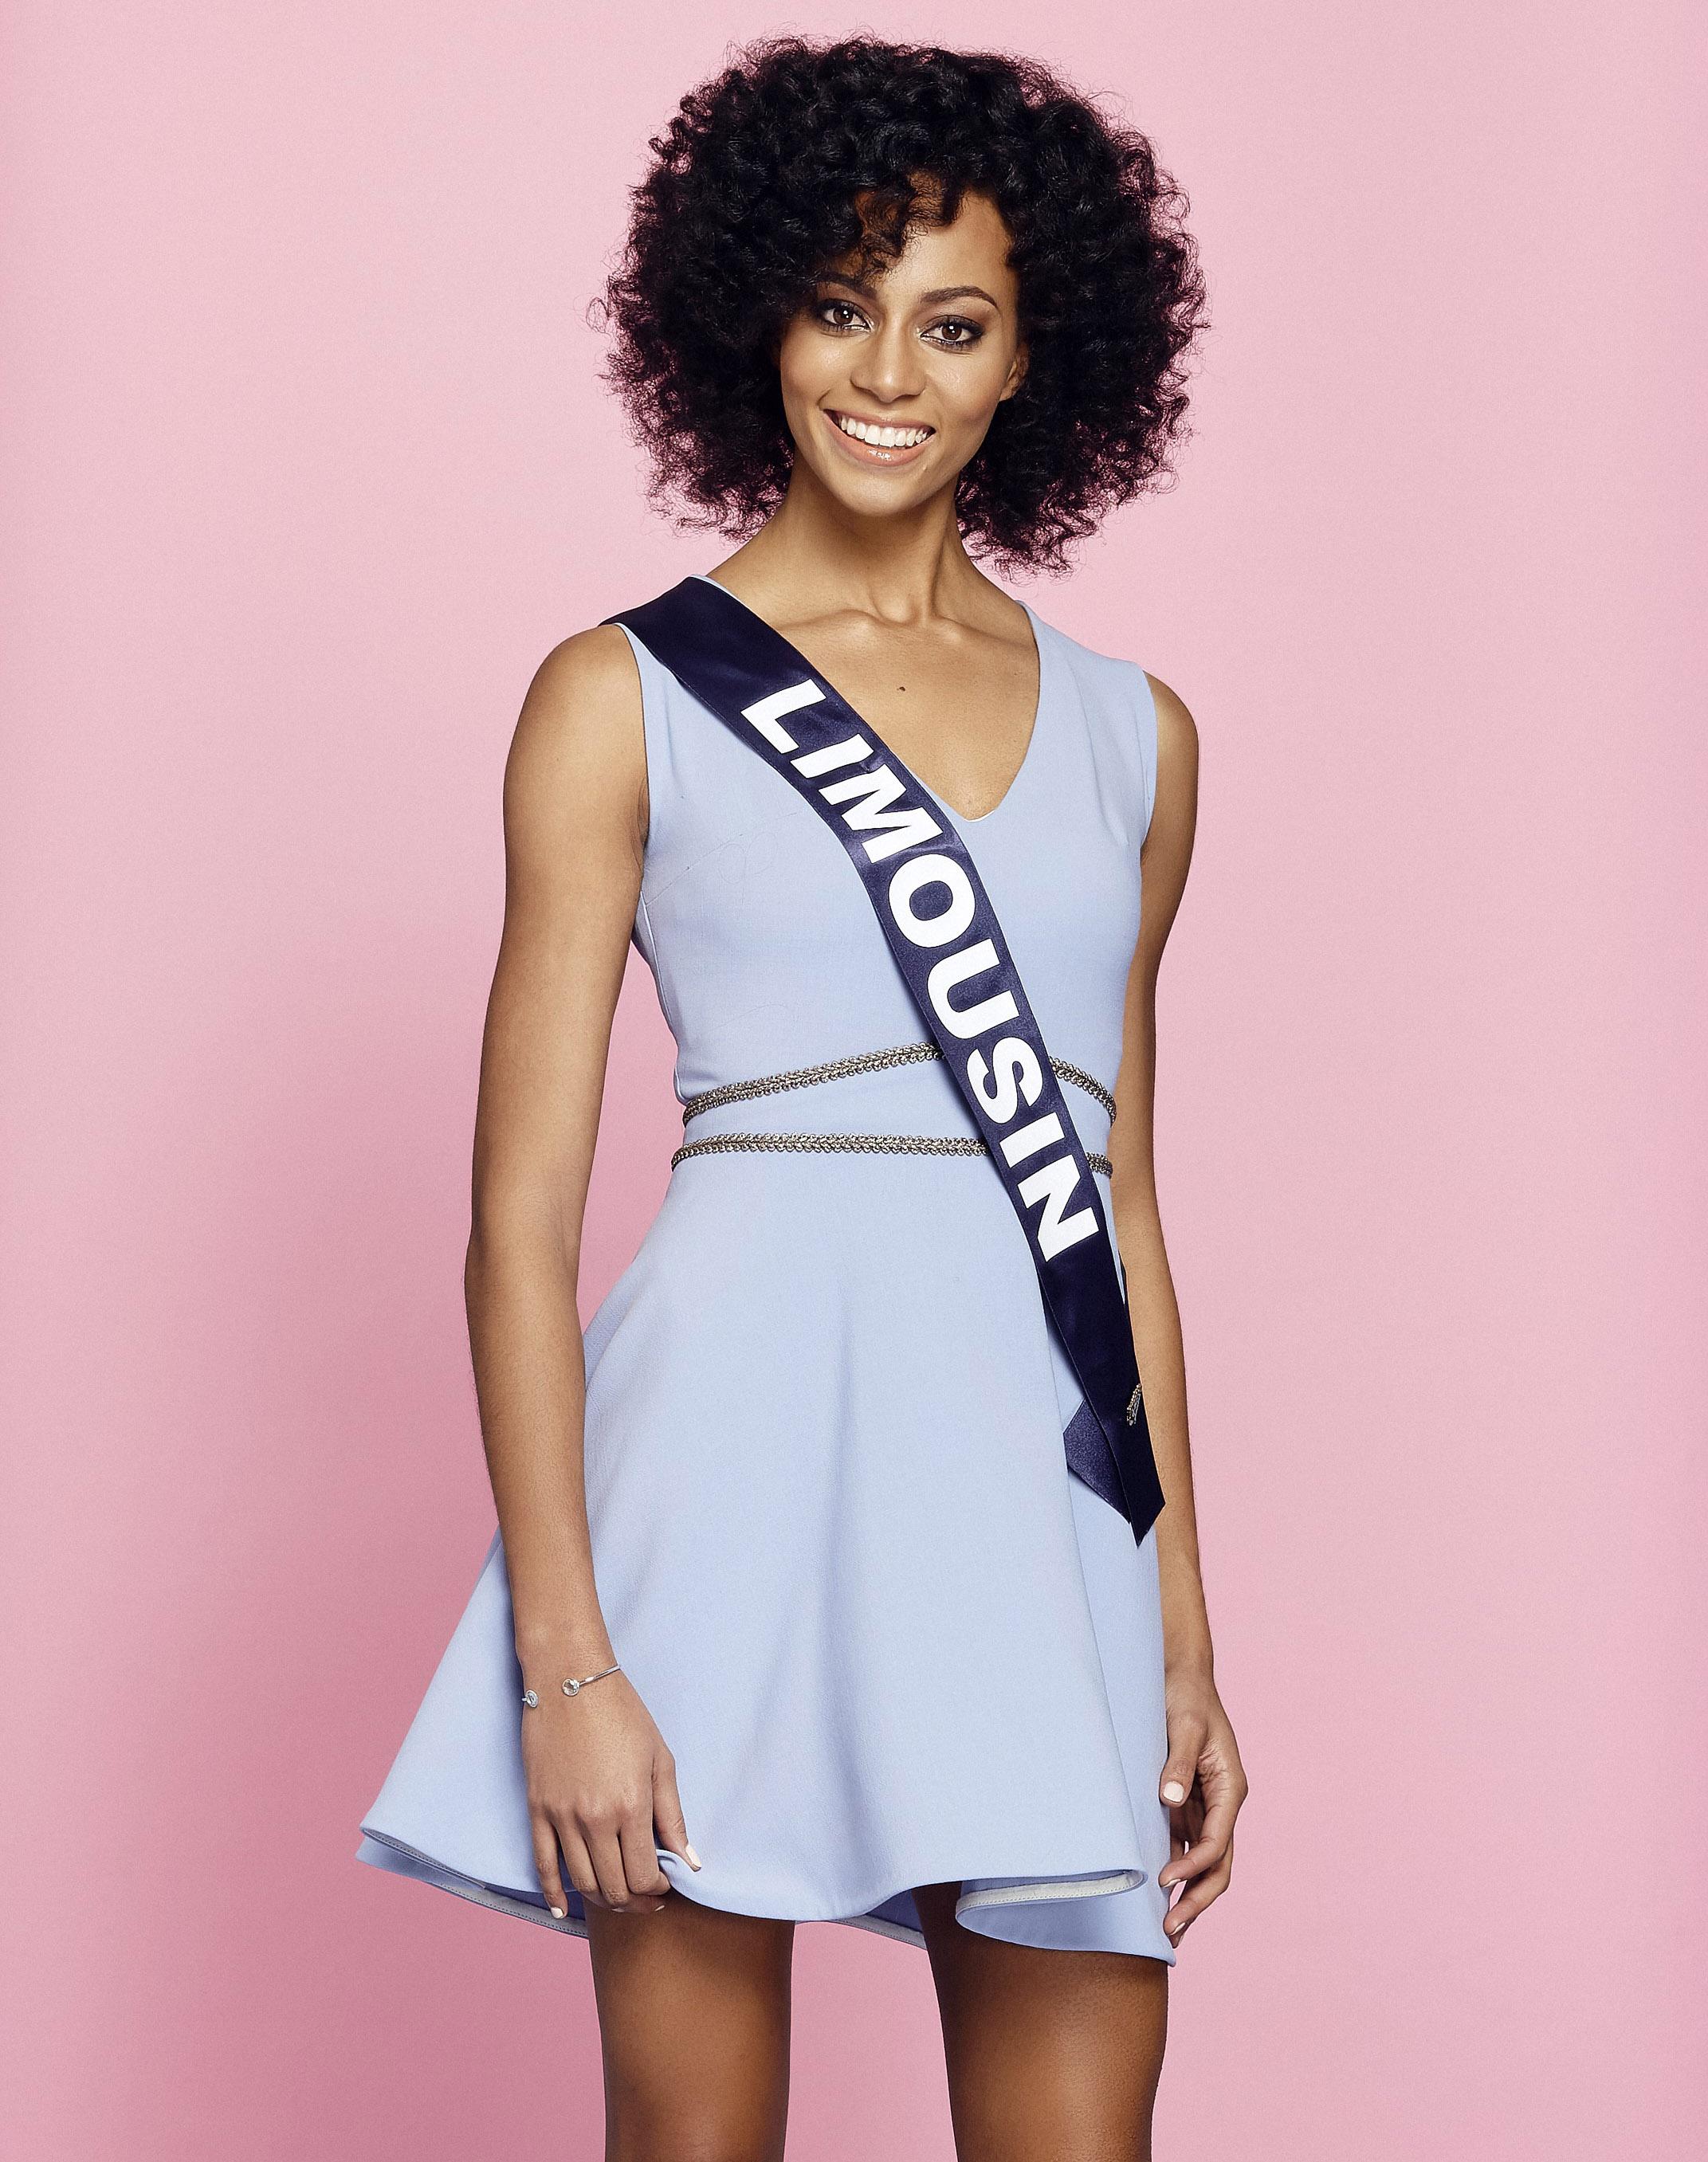 Miss Limousin - Aude Destour